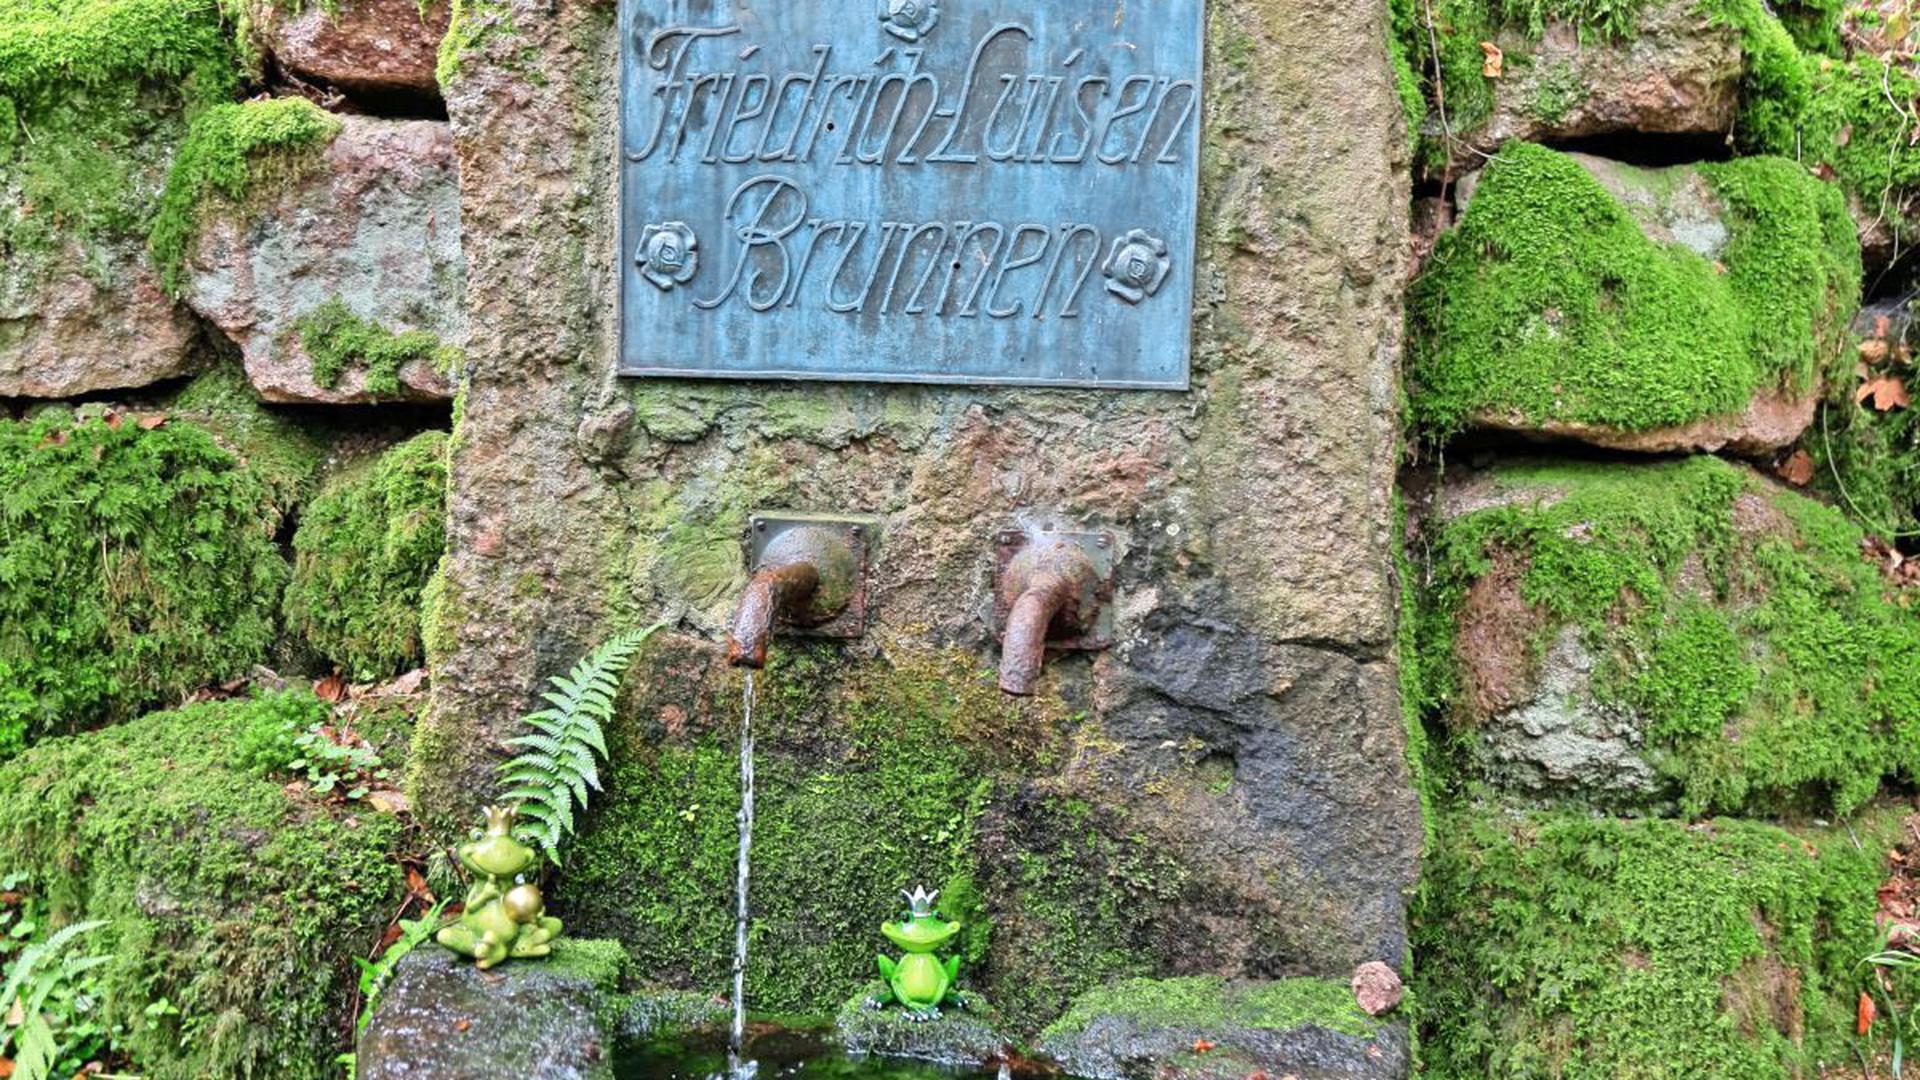 An der Murgleiter: der Friedrich-Luisen-Brunnen. Foto: Ralf/stock-adobe.com